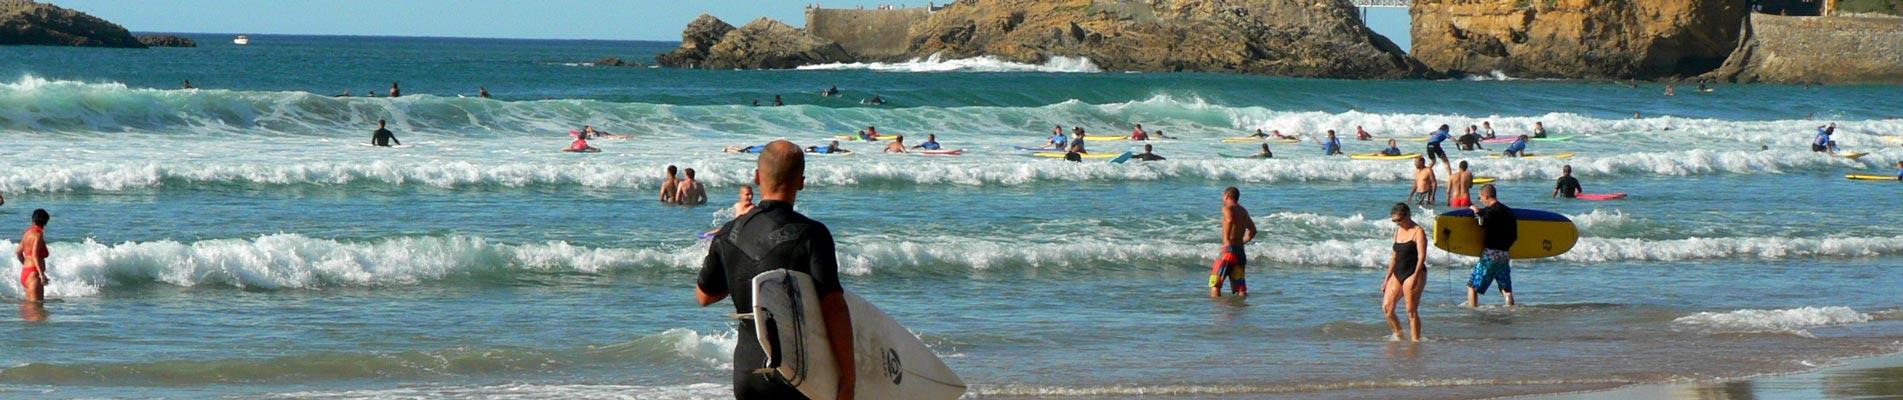 surf-pays-basque